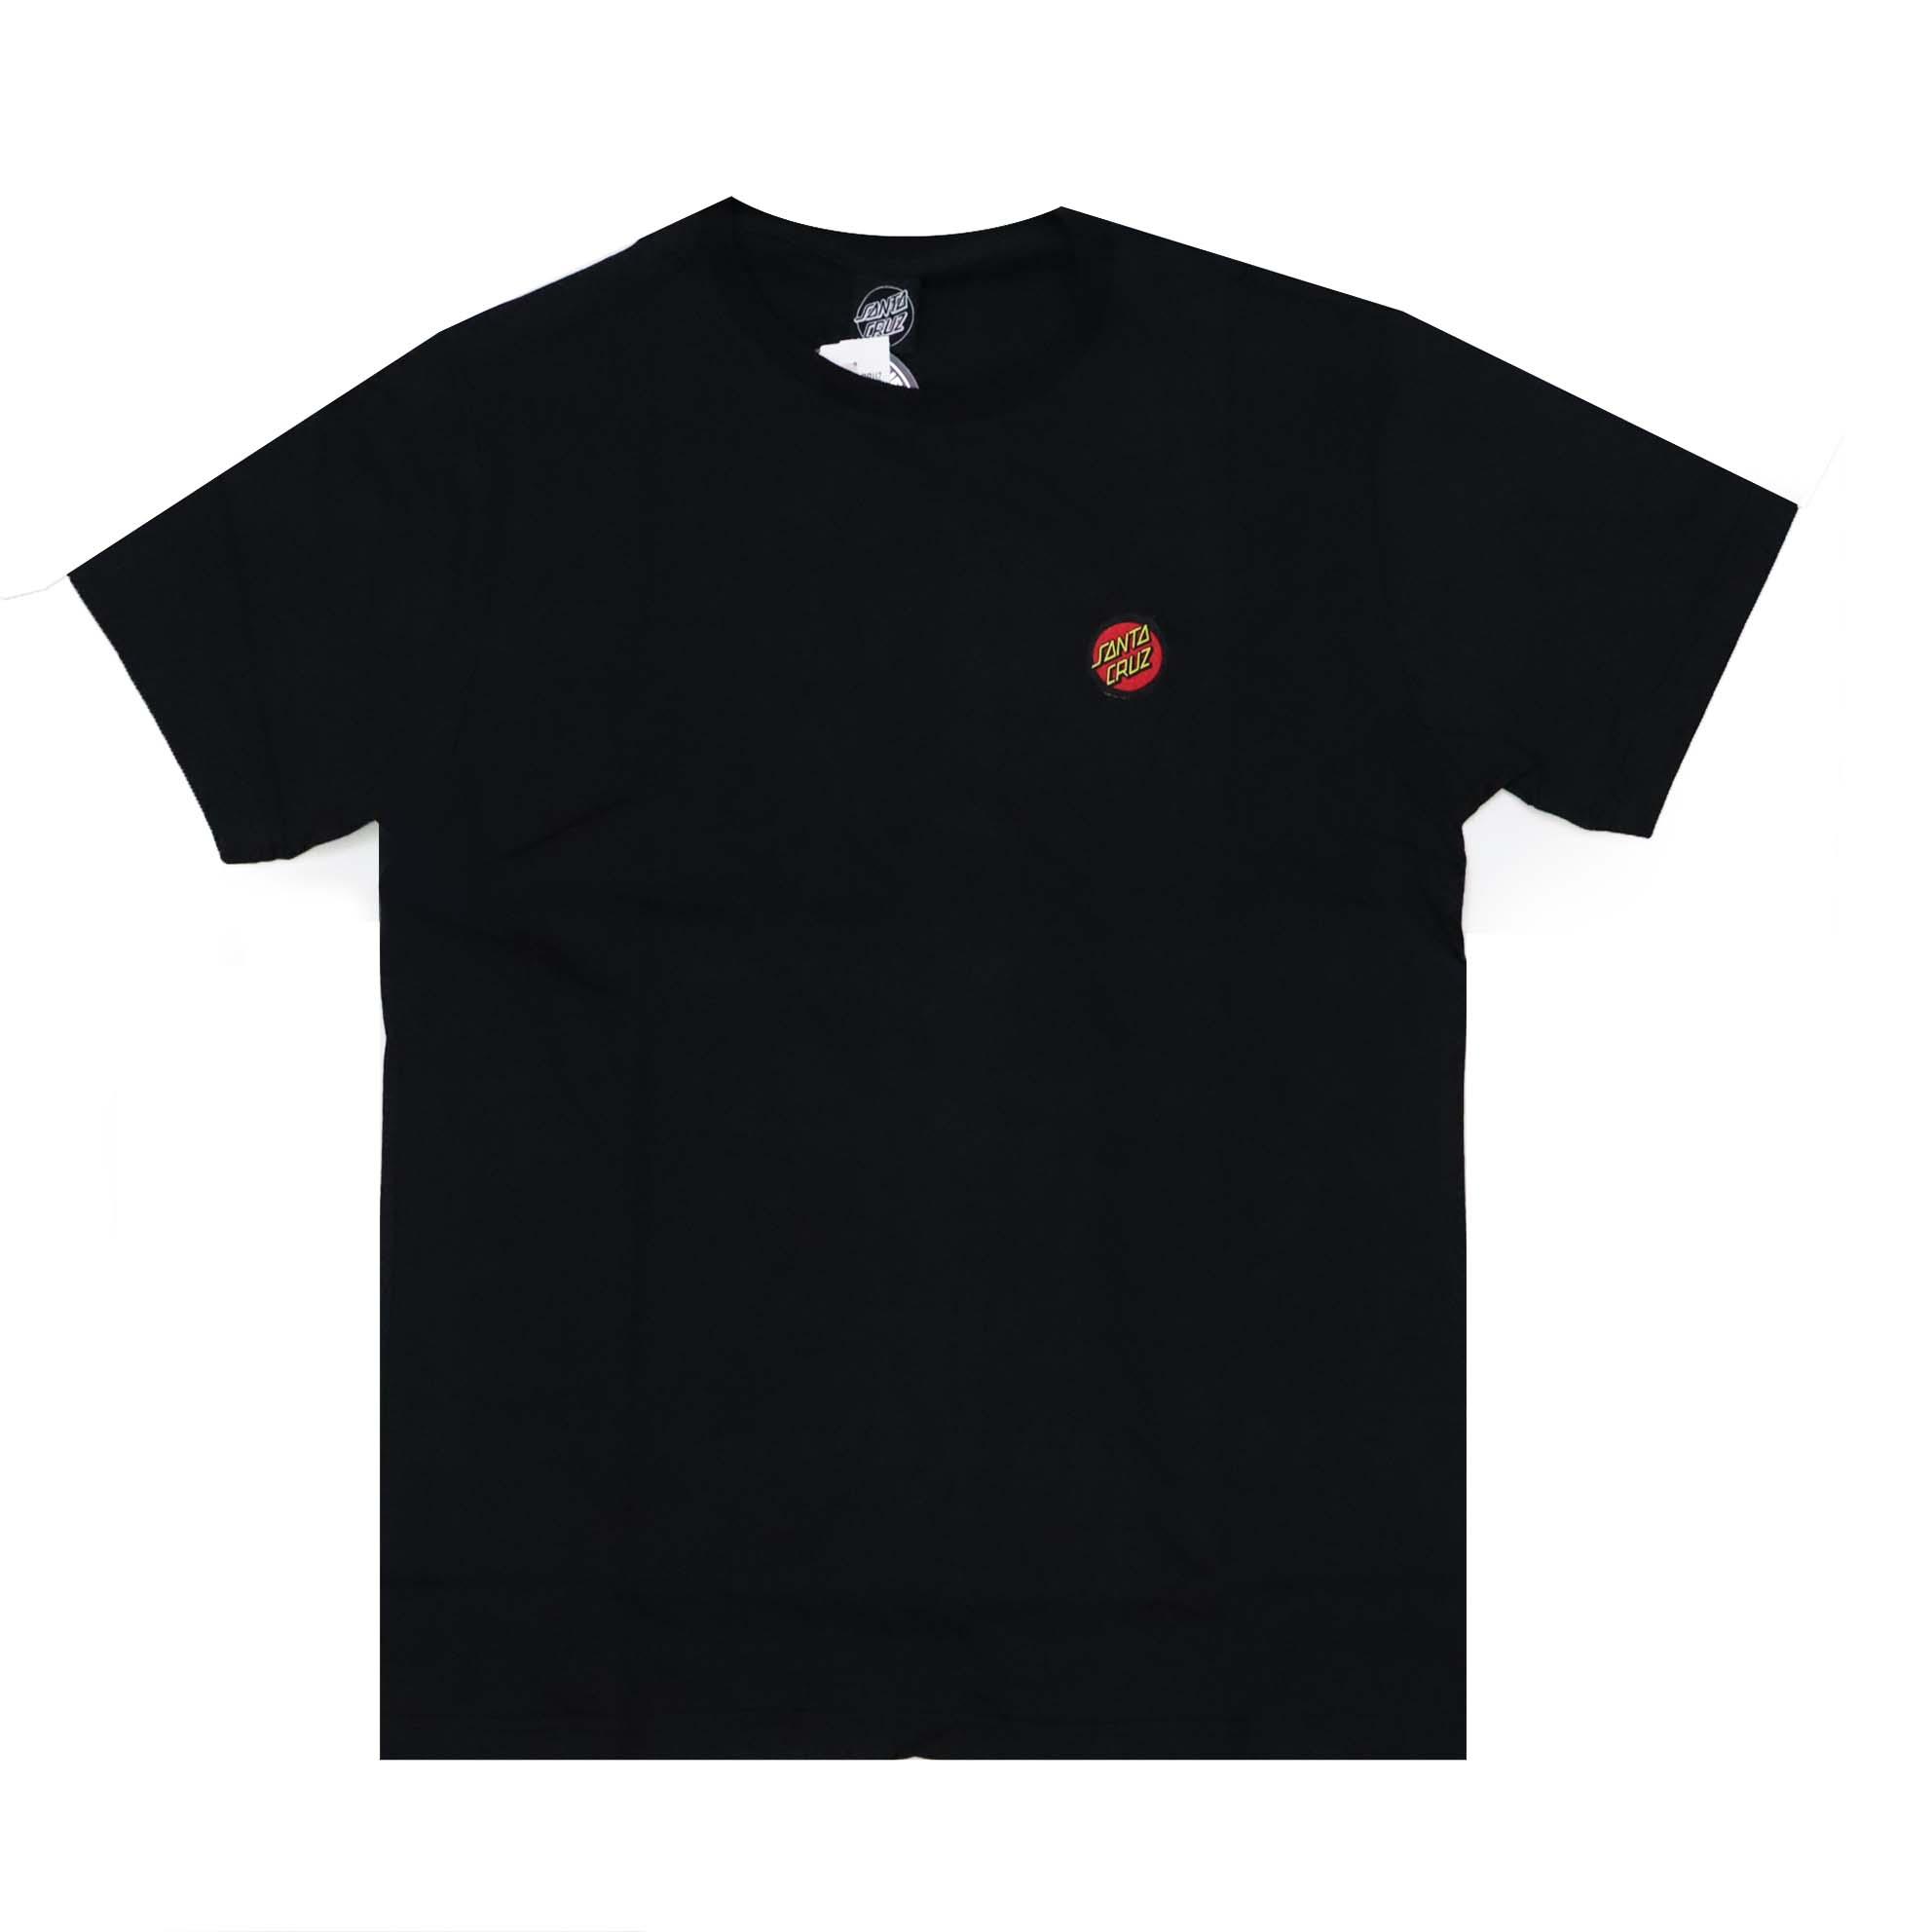 Camiseta Santa Cruz Classic Dot Chest - Preto